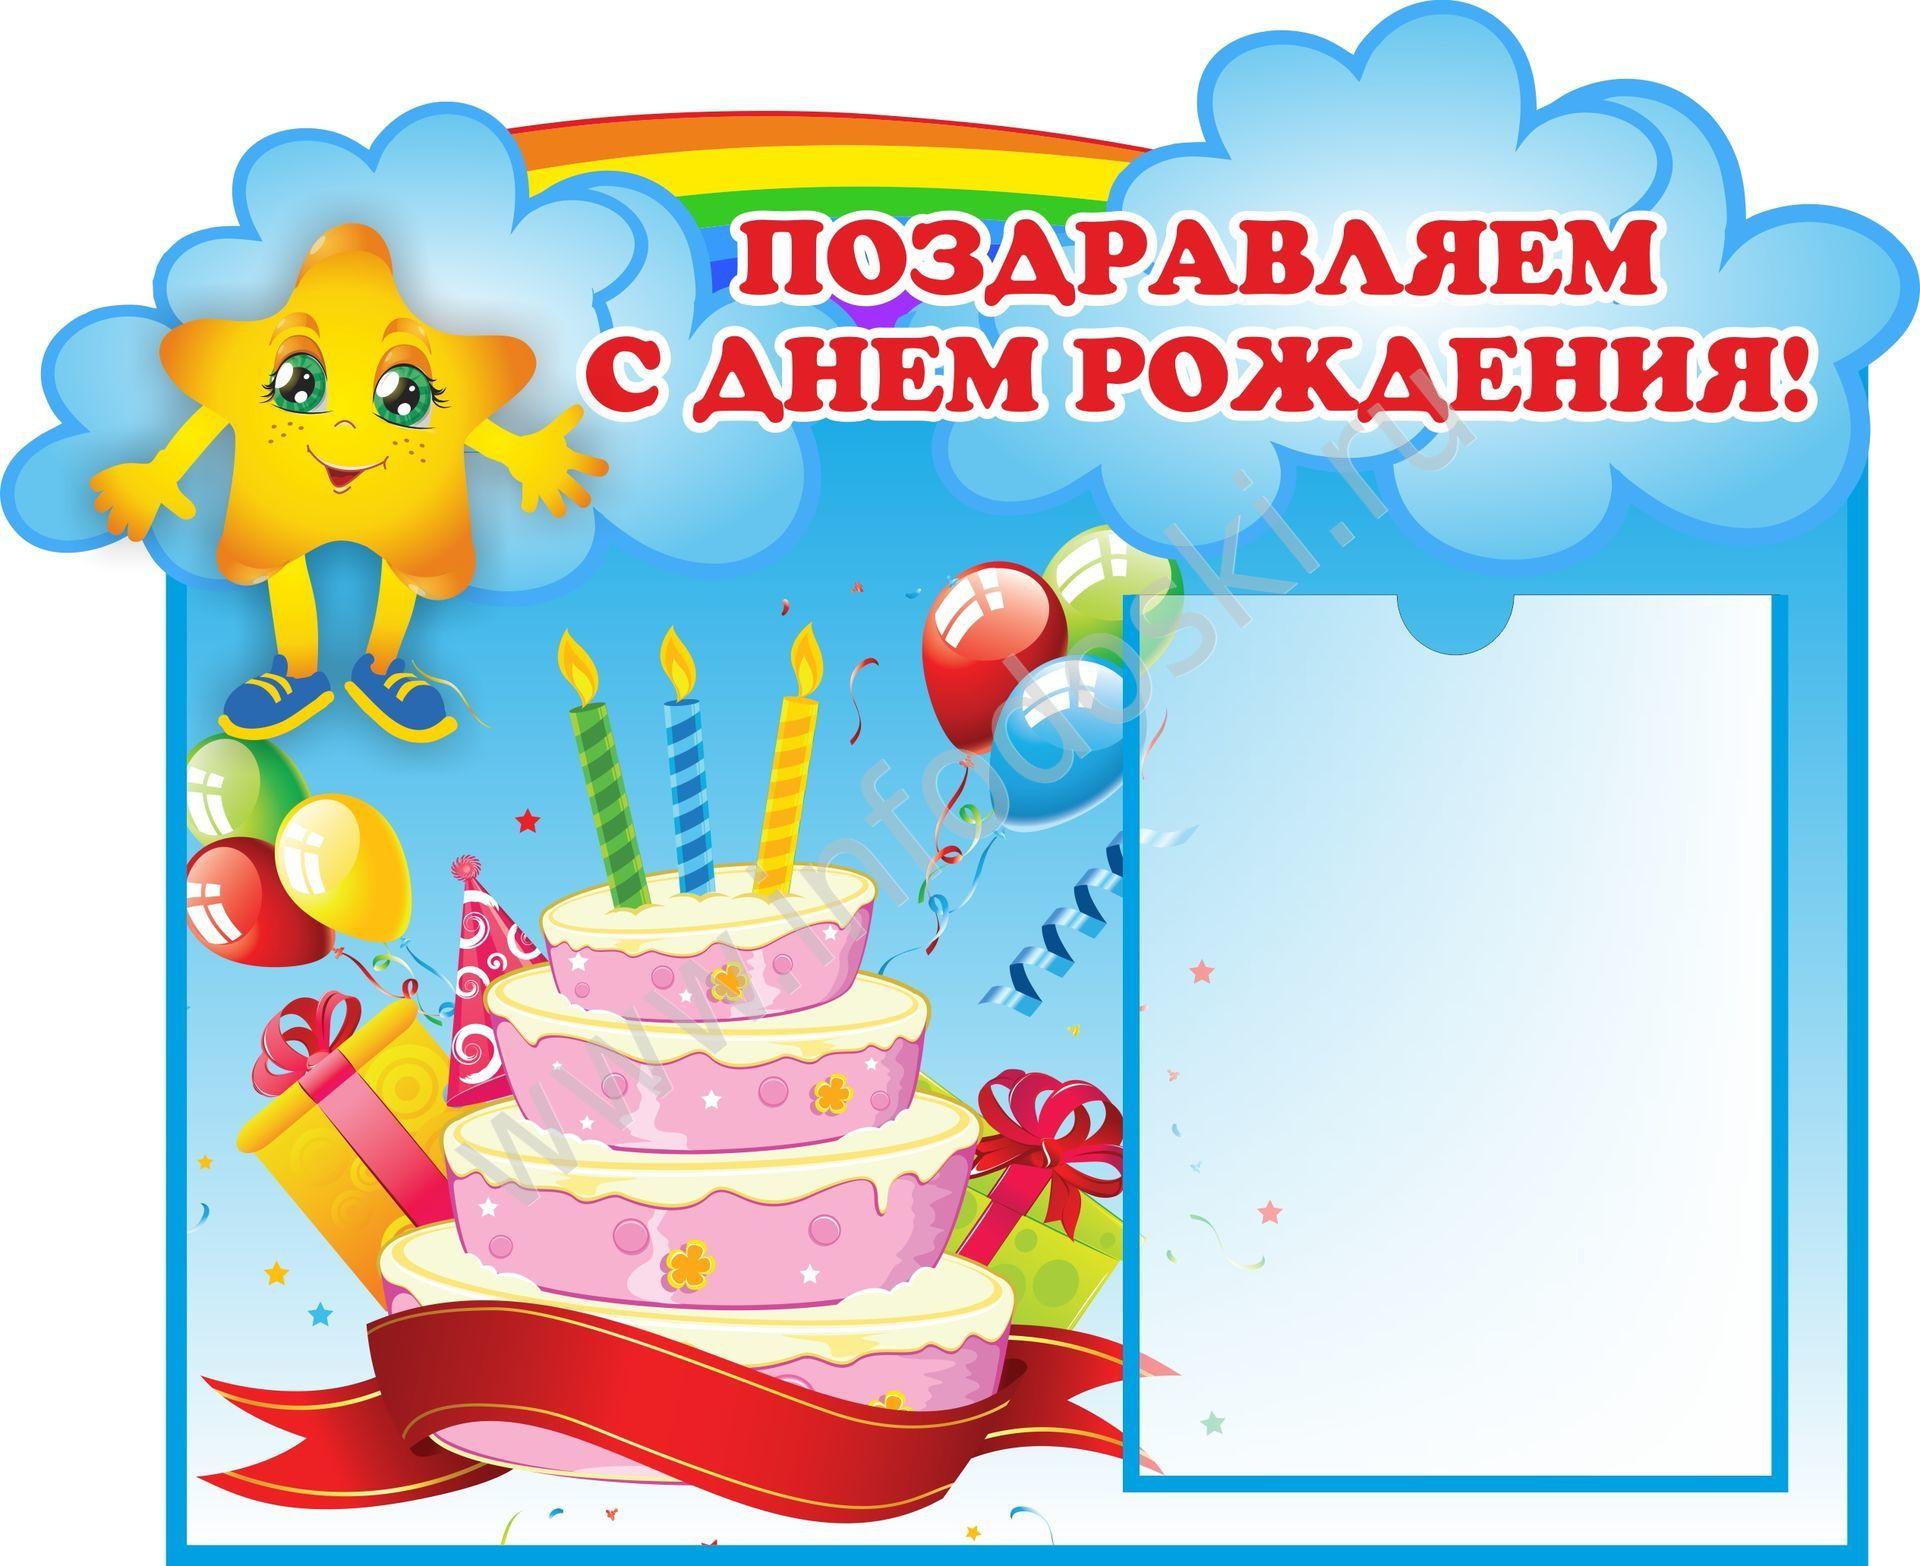 Стенд поздравление с днем рождения